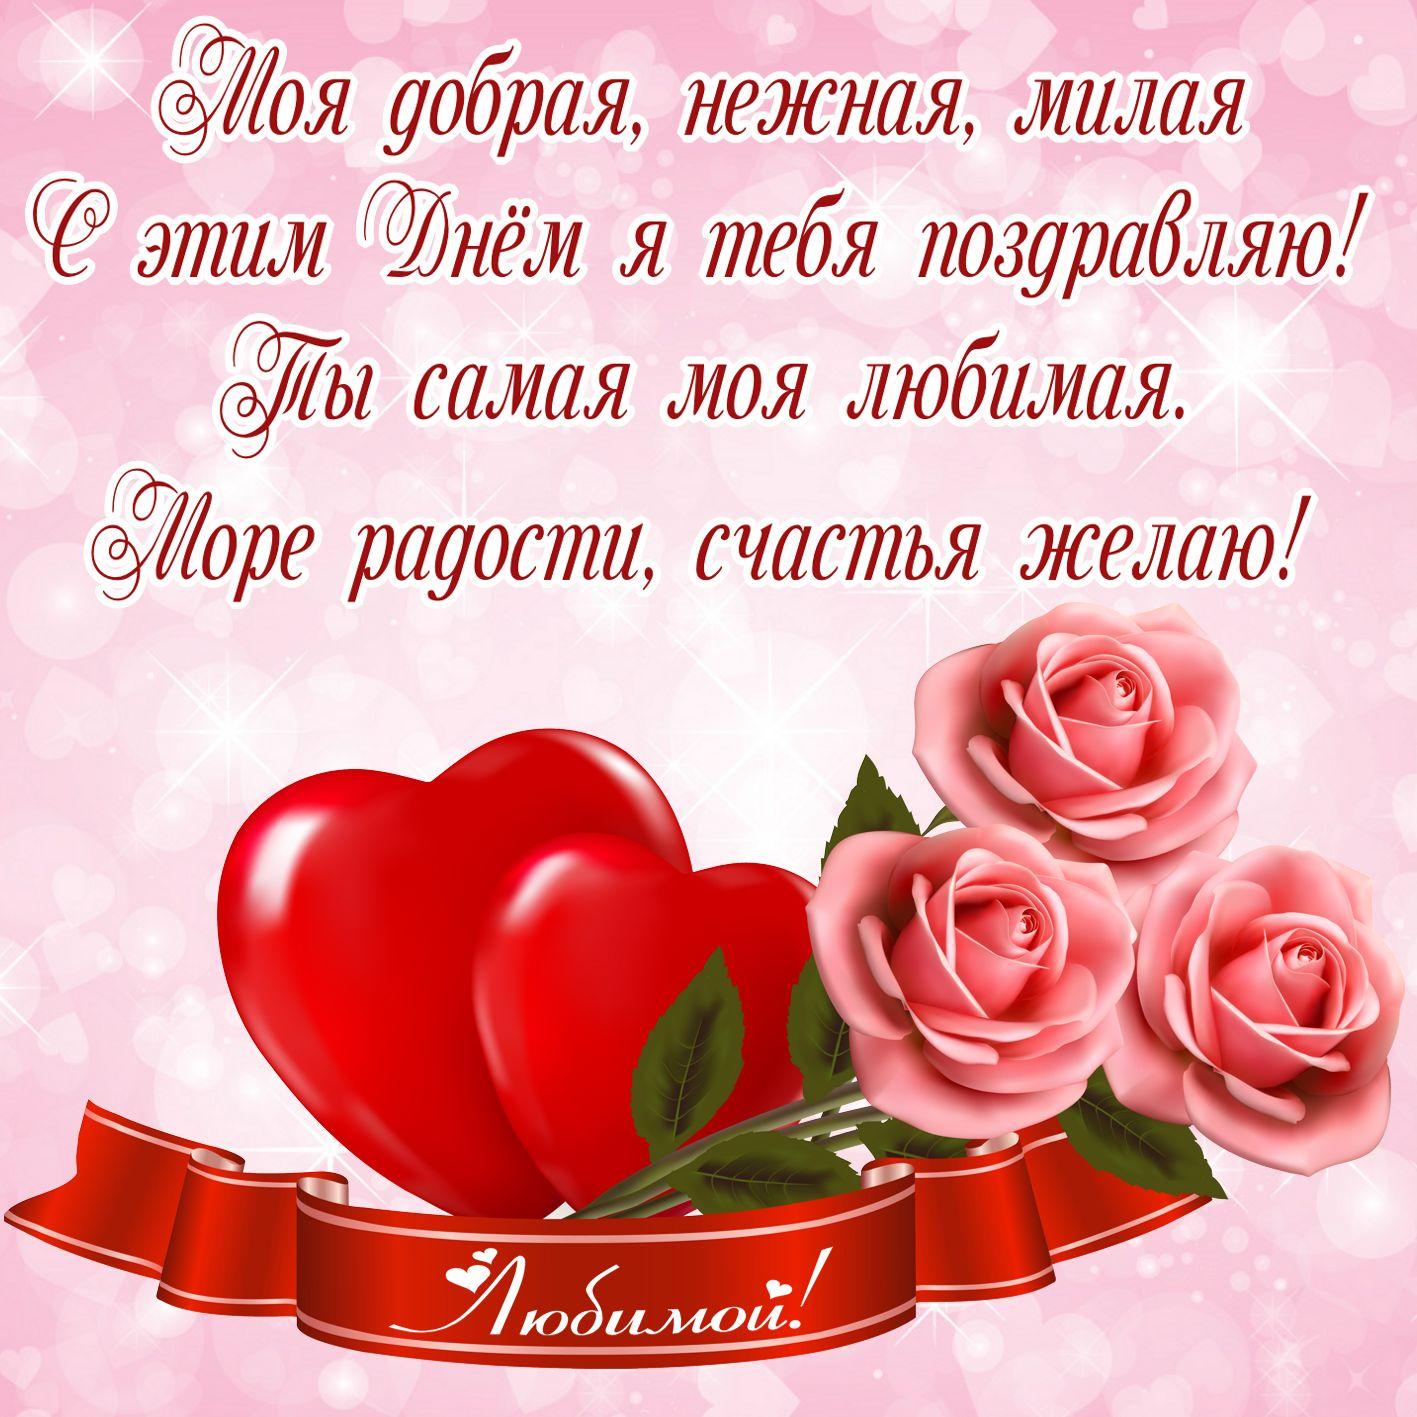 Поздравления в стихах ко дню рождению любимого